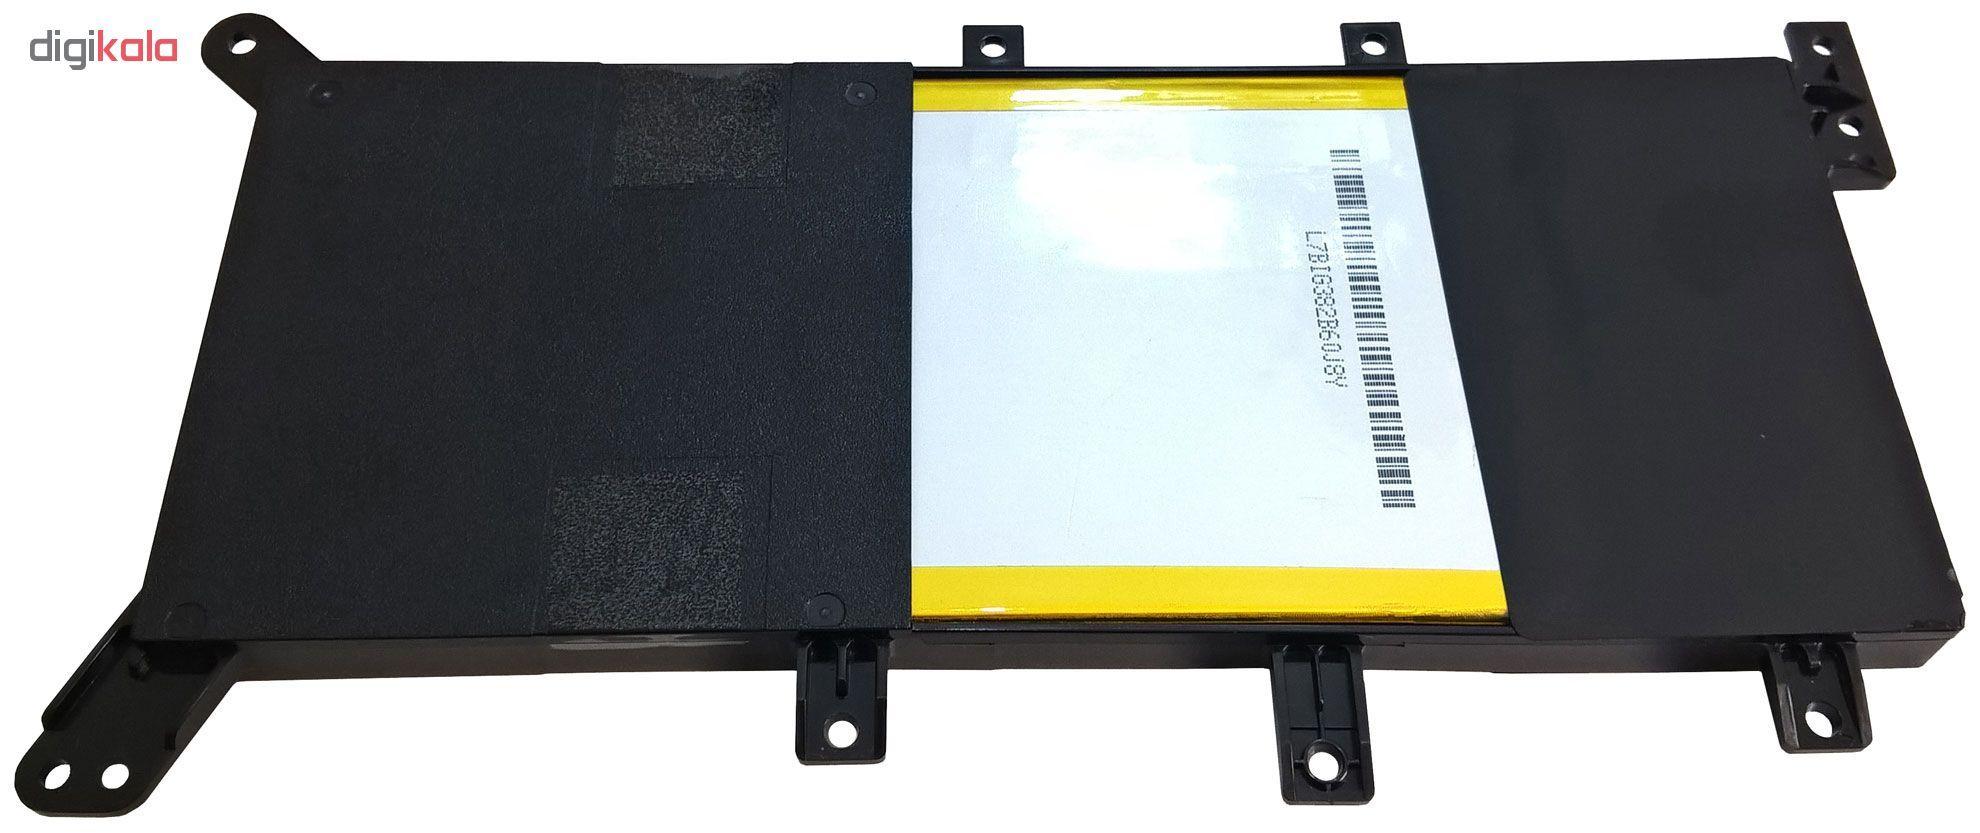 باتری 2 سلولی مناسب برای لپ تاپ ایسوس  K555 X555 F555 main 1 4